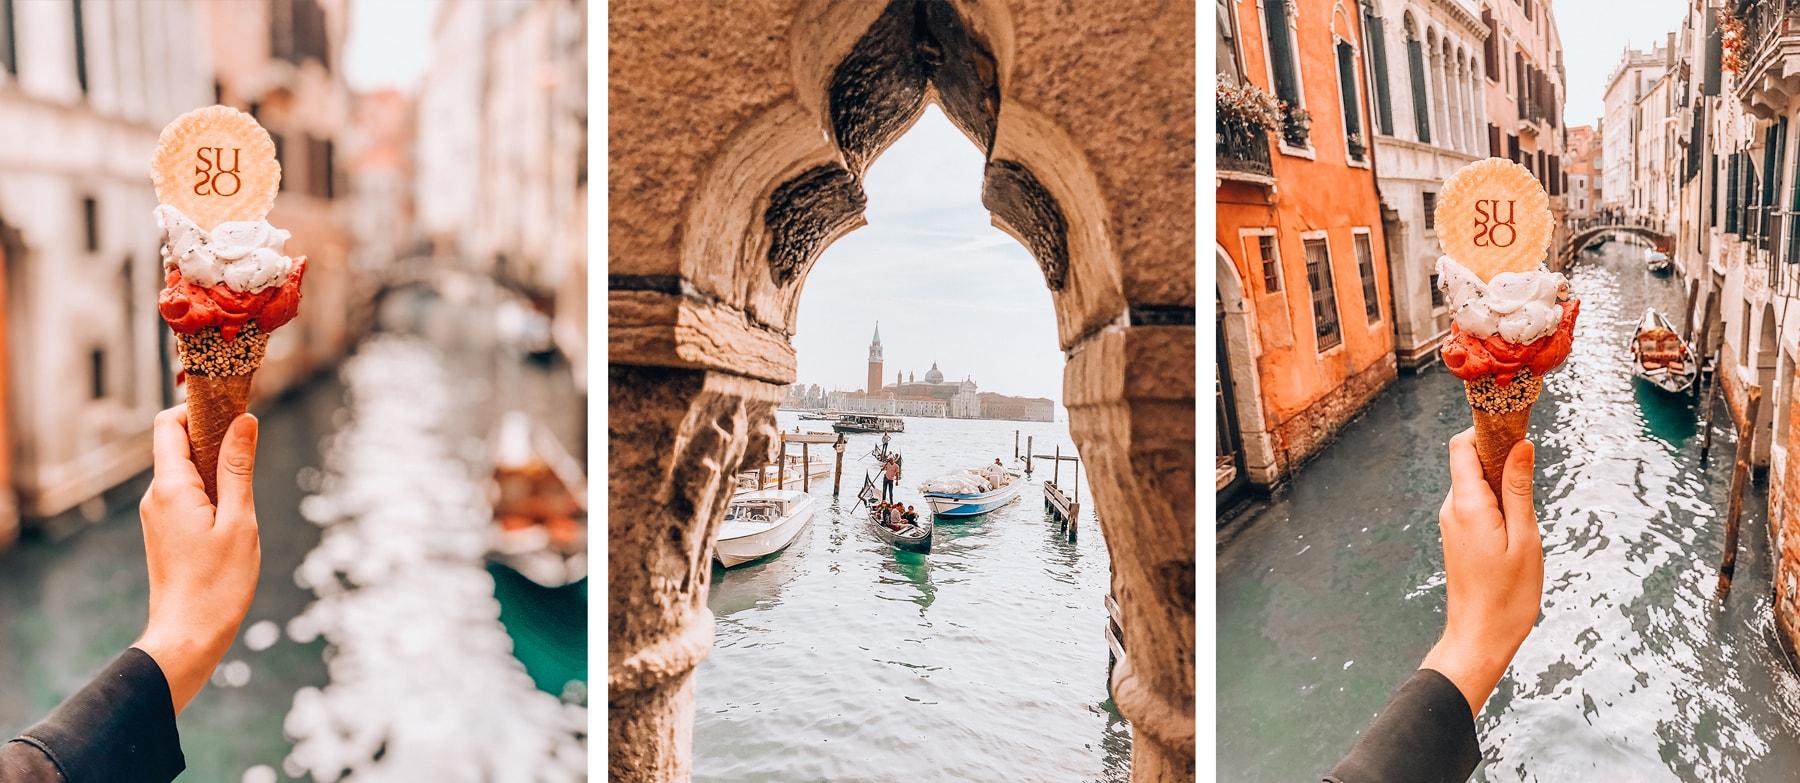 Suso Venise